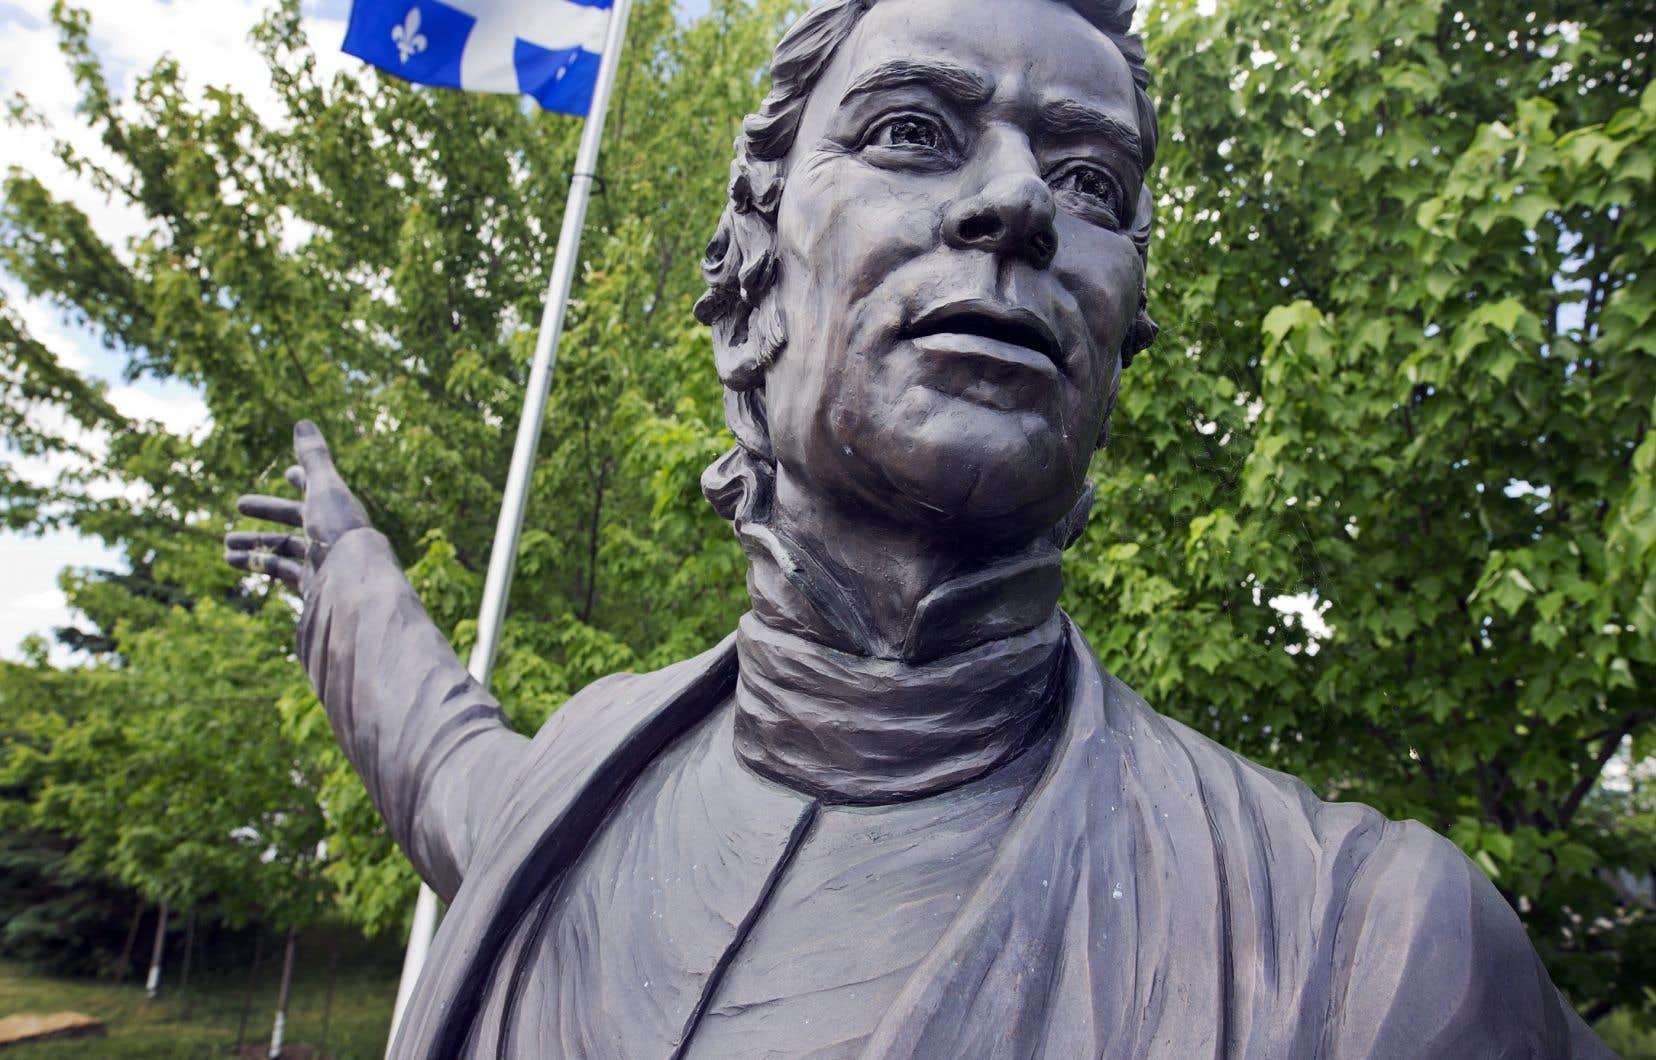 Pour honorer la mémoire de Louis-Joseph Papineau, n'y a-t-il pas lieu d'engager le Québec dans une conversation avec ses propres citoyens et citoyennes en vue de le doter de sa propre loi fondamentale? s'interroge l'auteur.